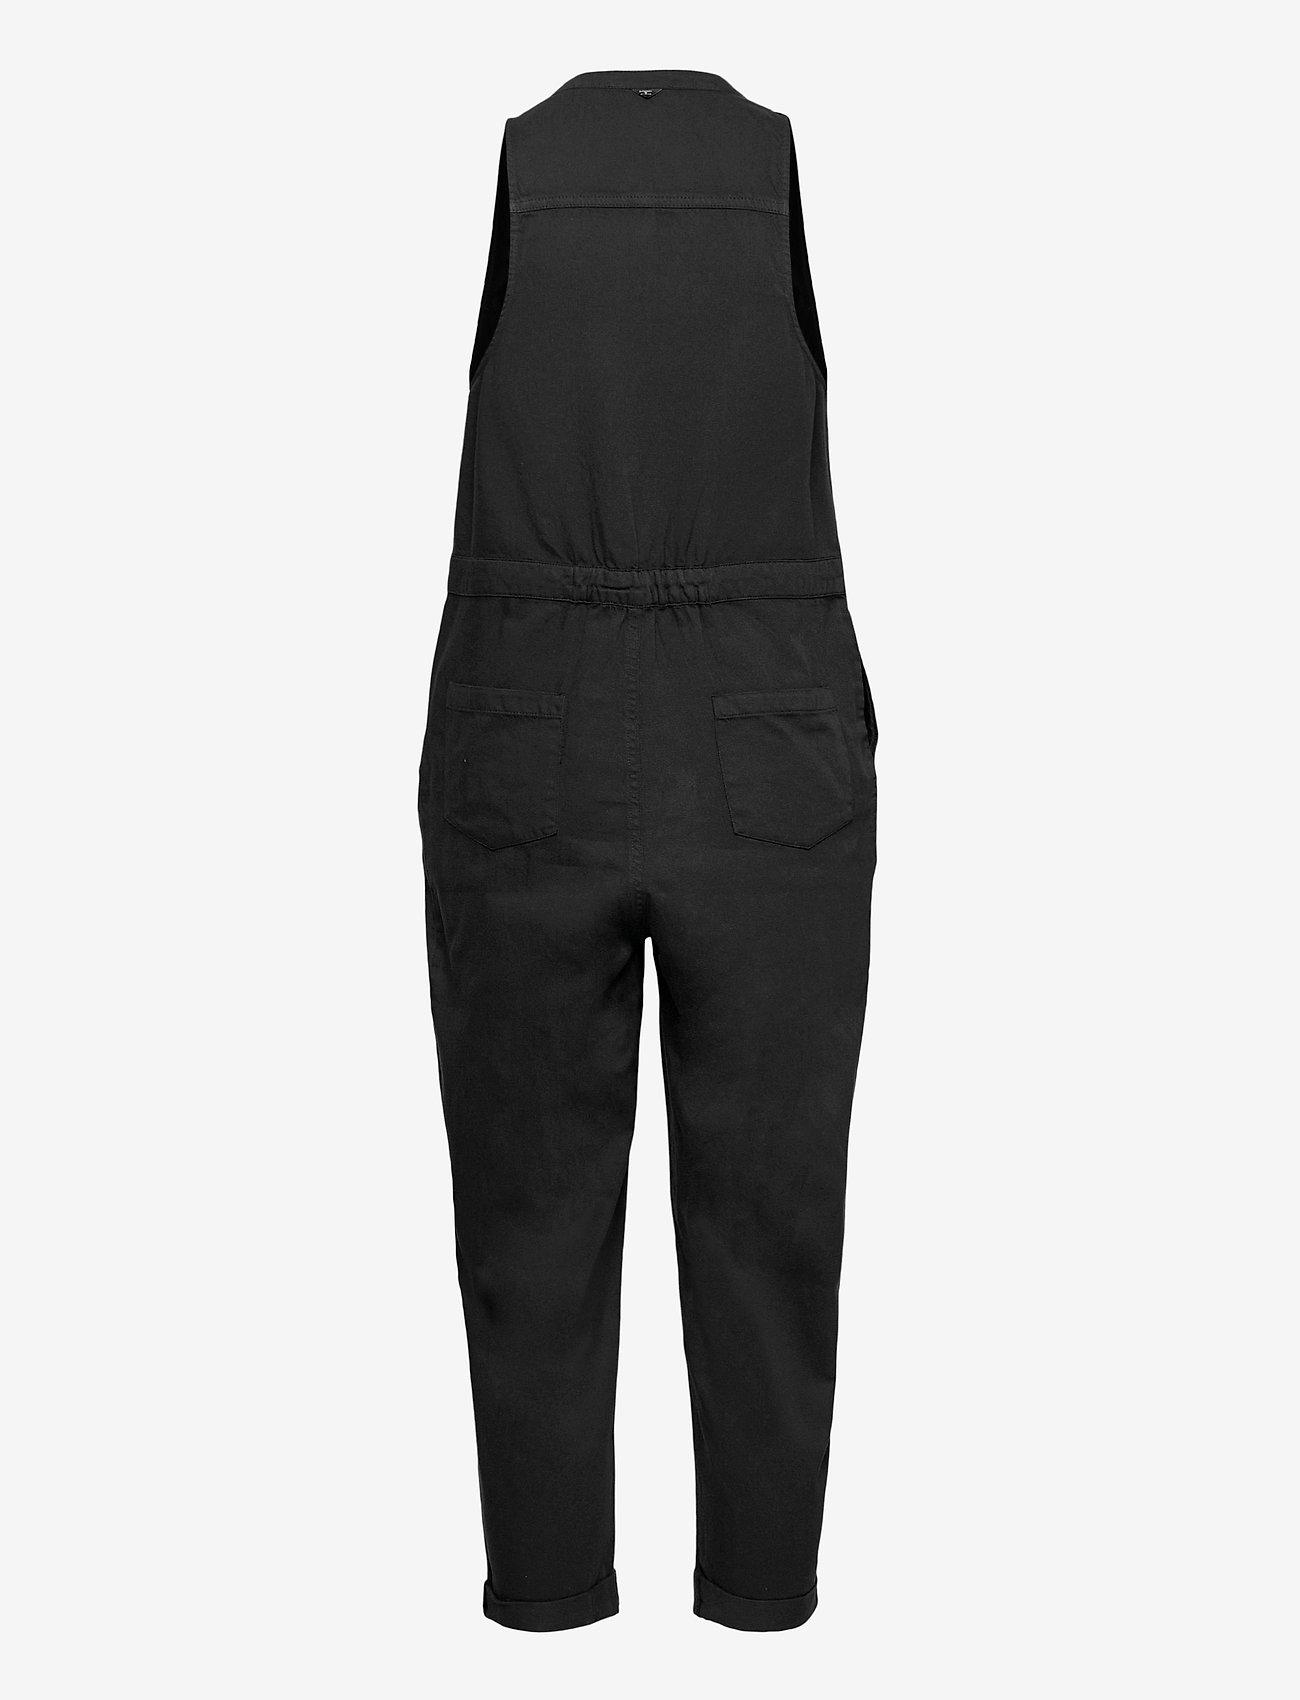 Superdry - SLEEVELESS JUMPSUIT - clothing - black wash - 1